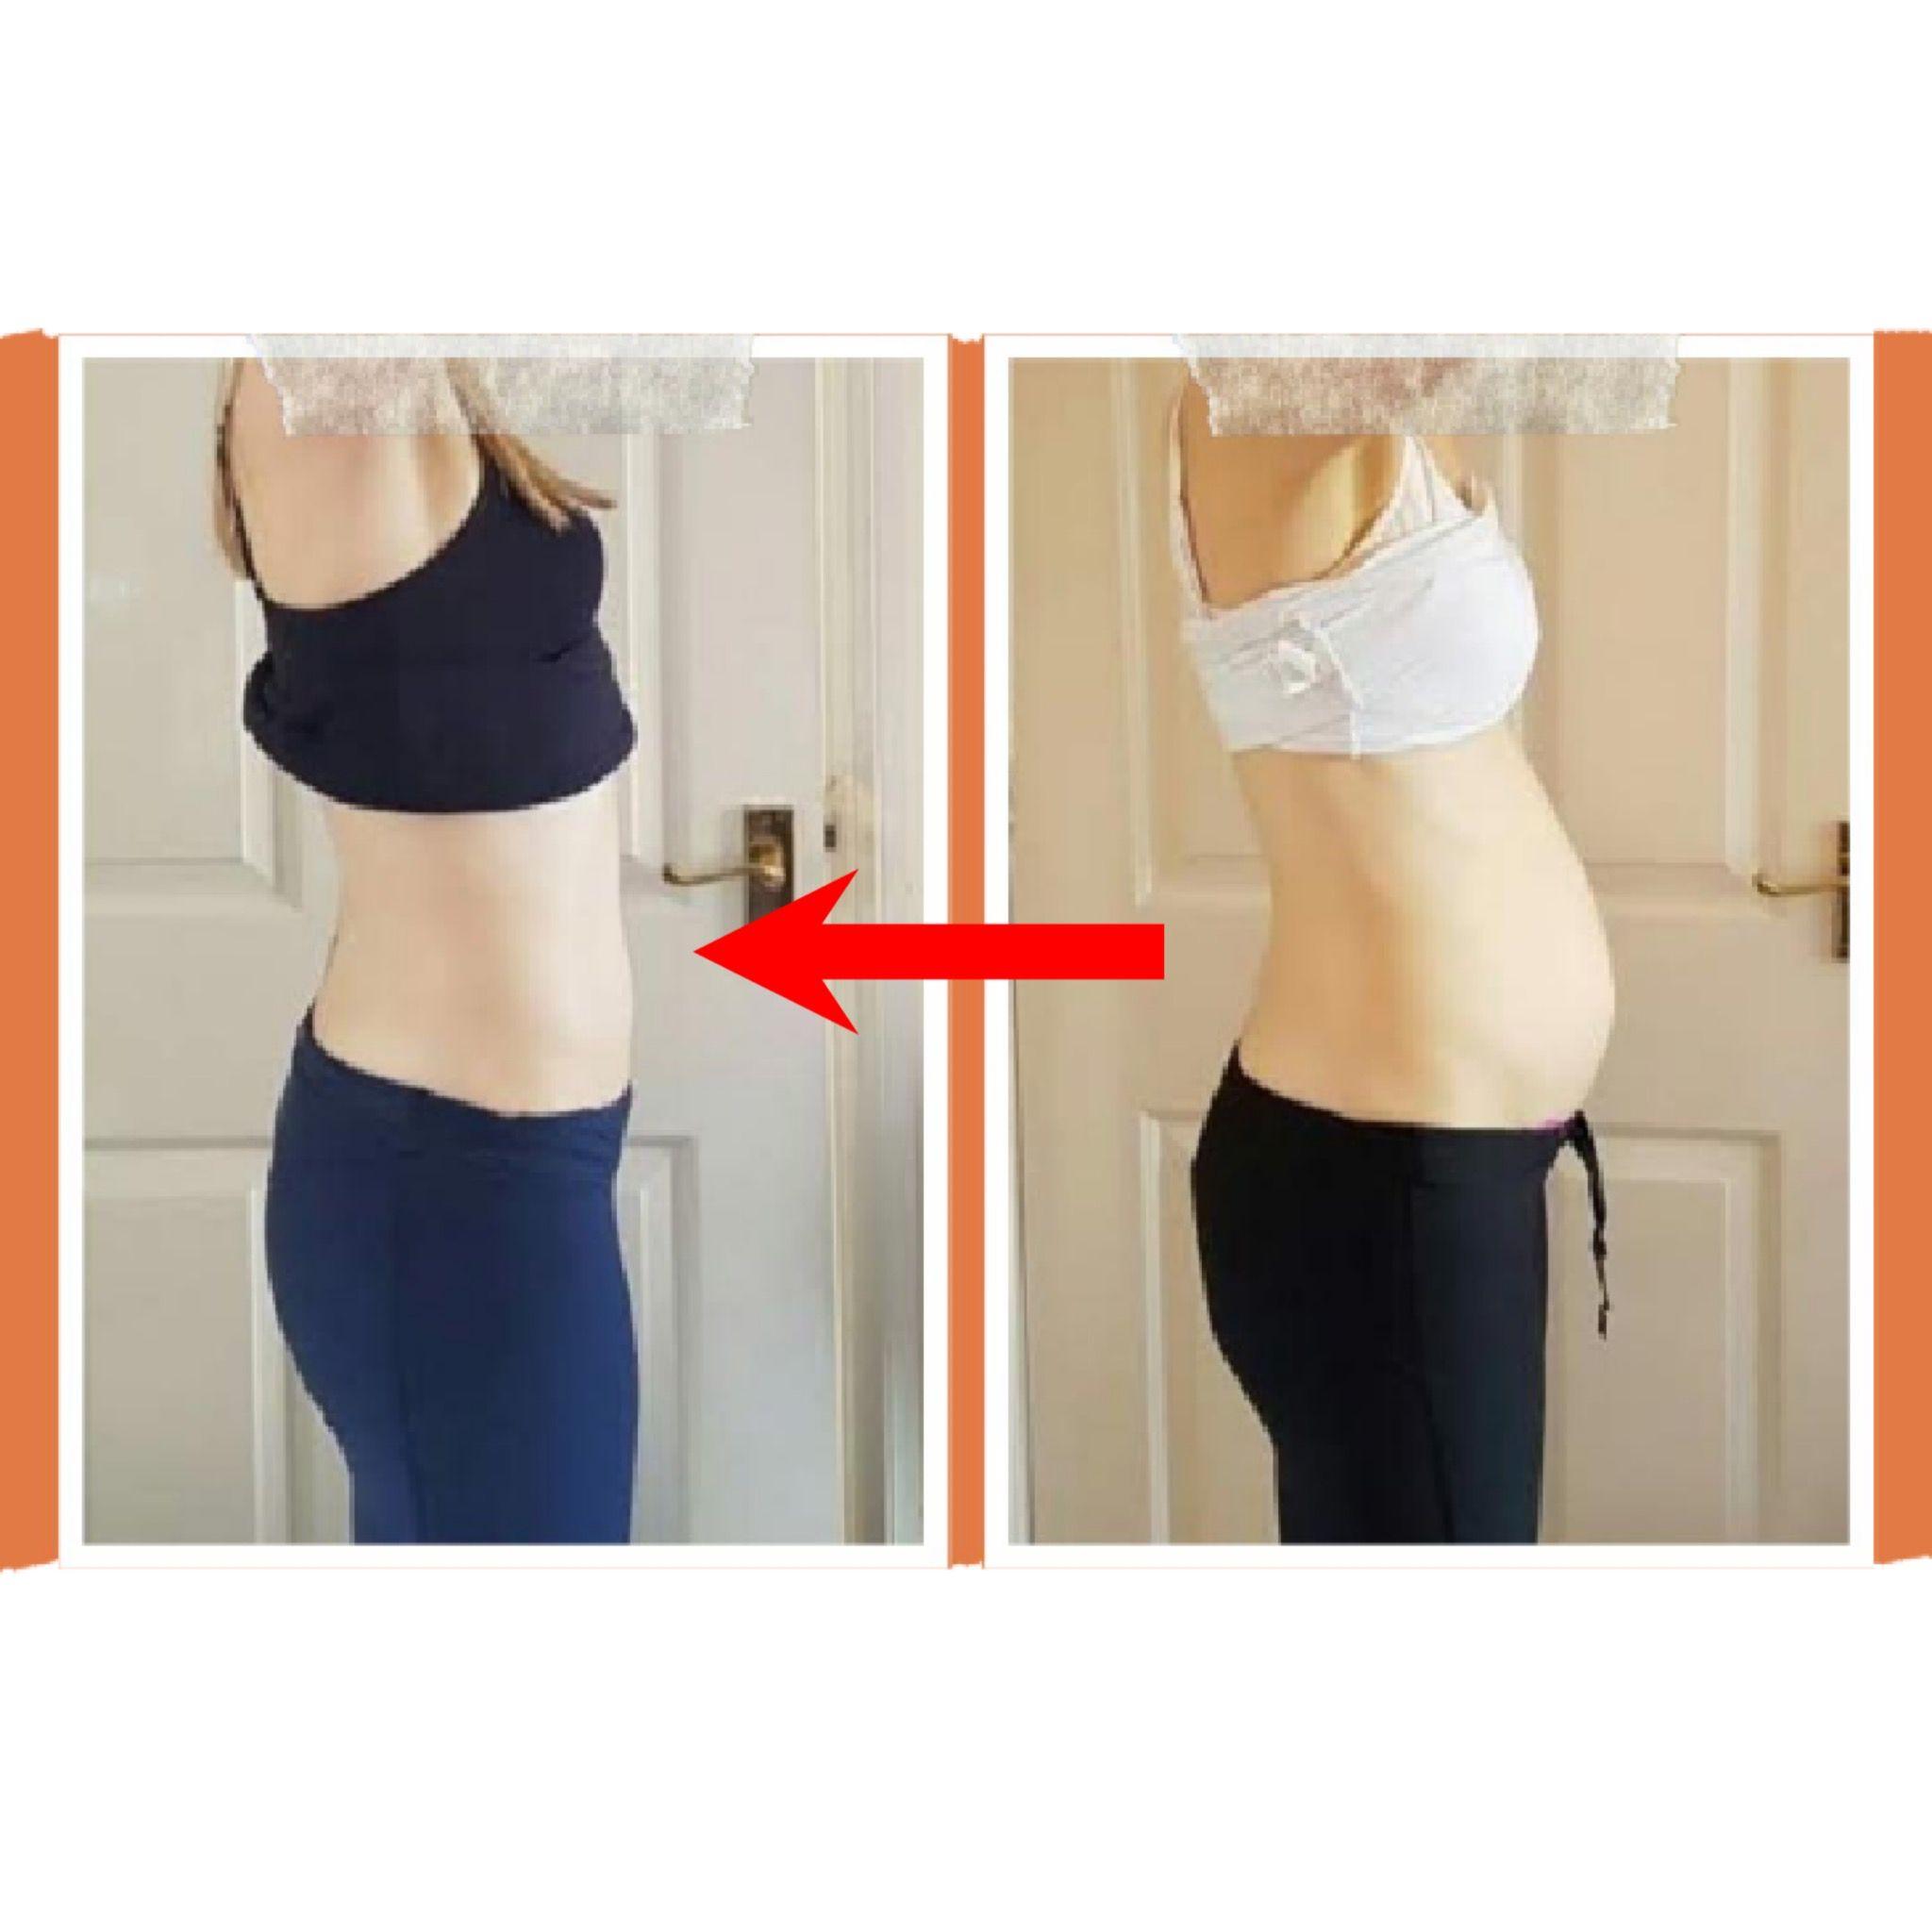 افضل تمارين لغلق وعلاج الانفصال العضلي وفي نفس الوقت لشد البطن وازالة الترهلات Youtube Crop Tops Fashion Women S Top